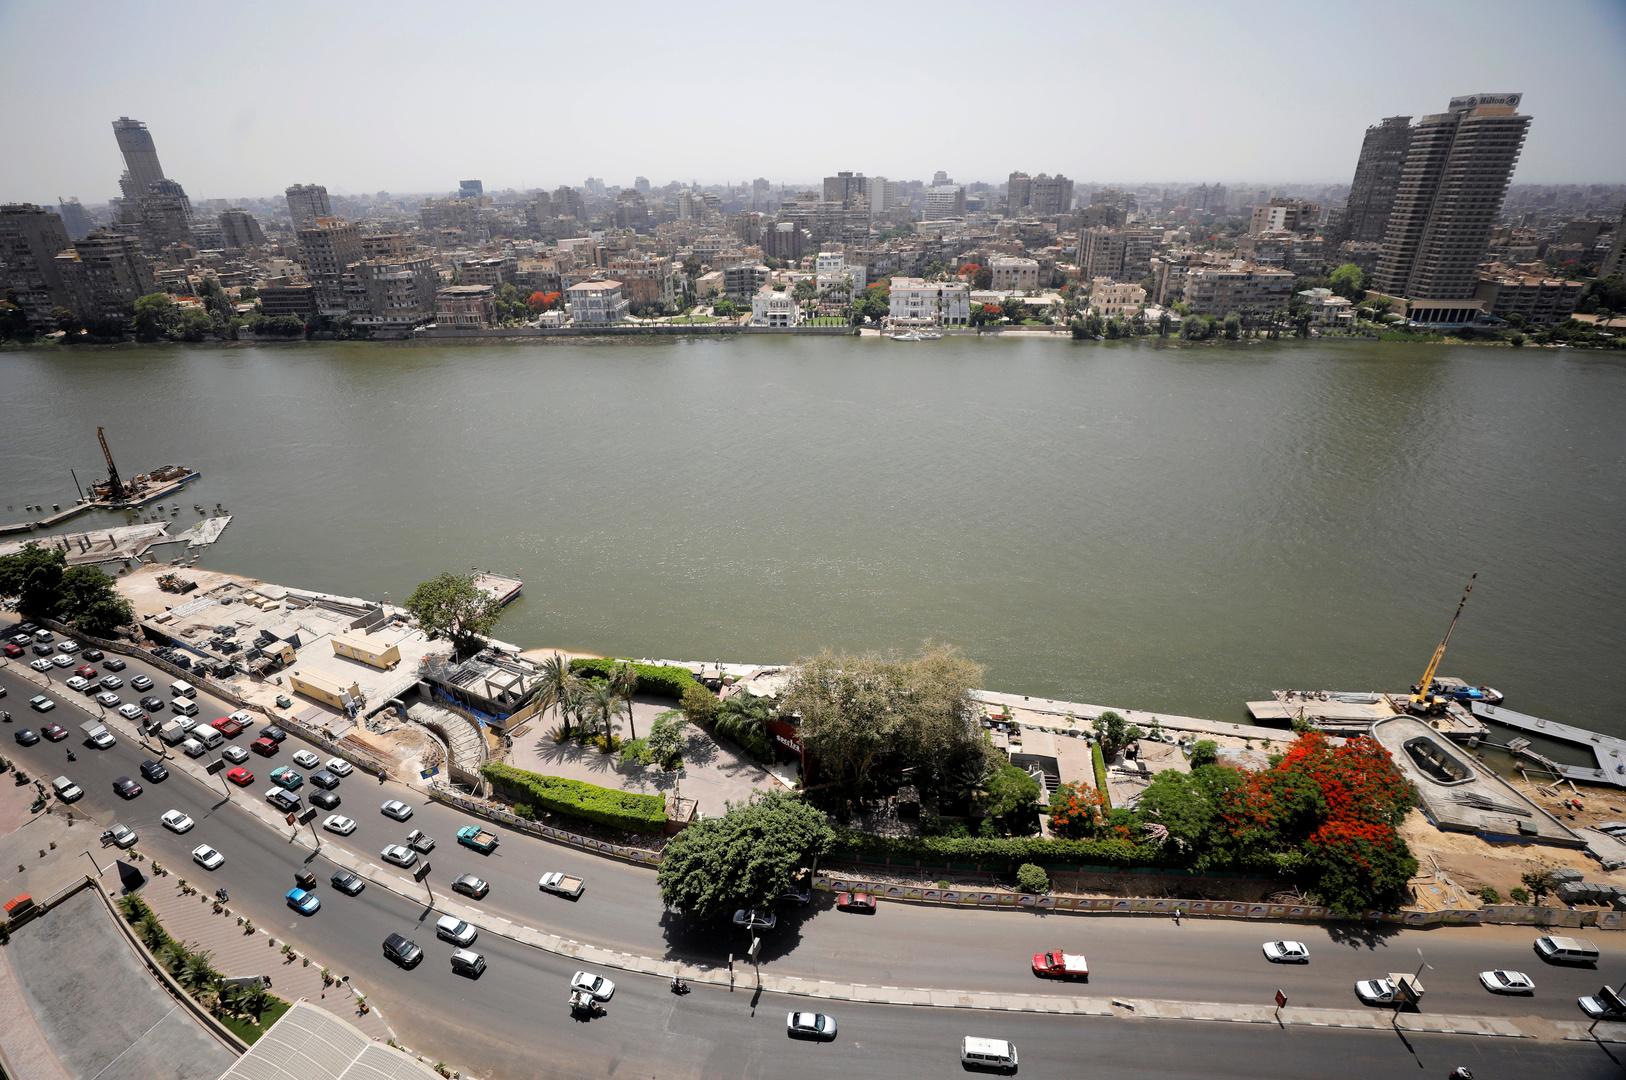 الكشف عن اسم وصورة المذيعة المصرية قاتلة زوج شقيقتها ودوافع الجريمة